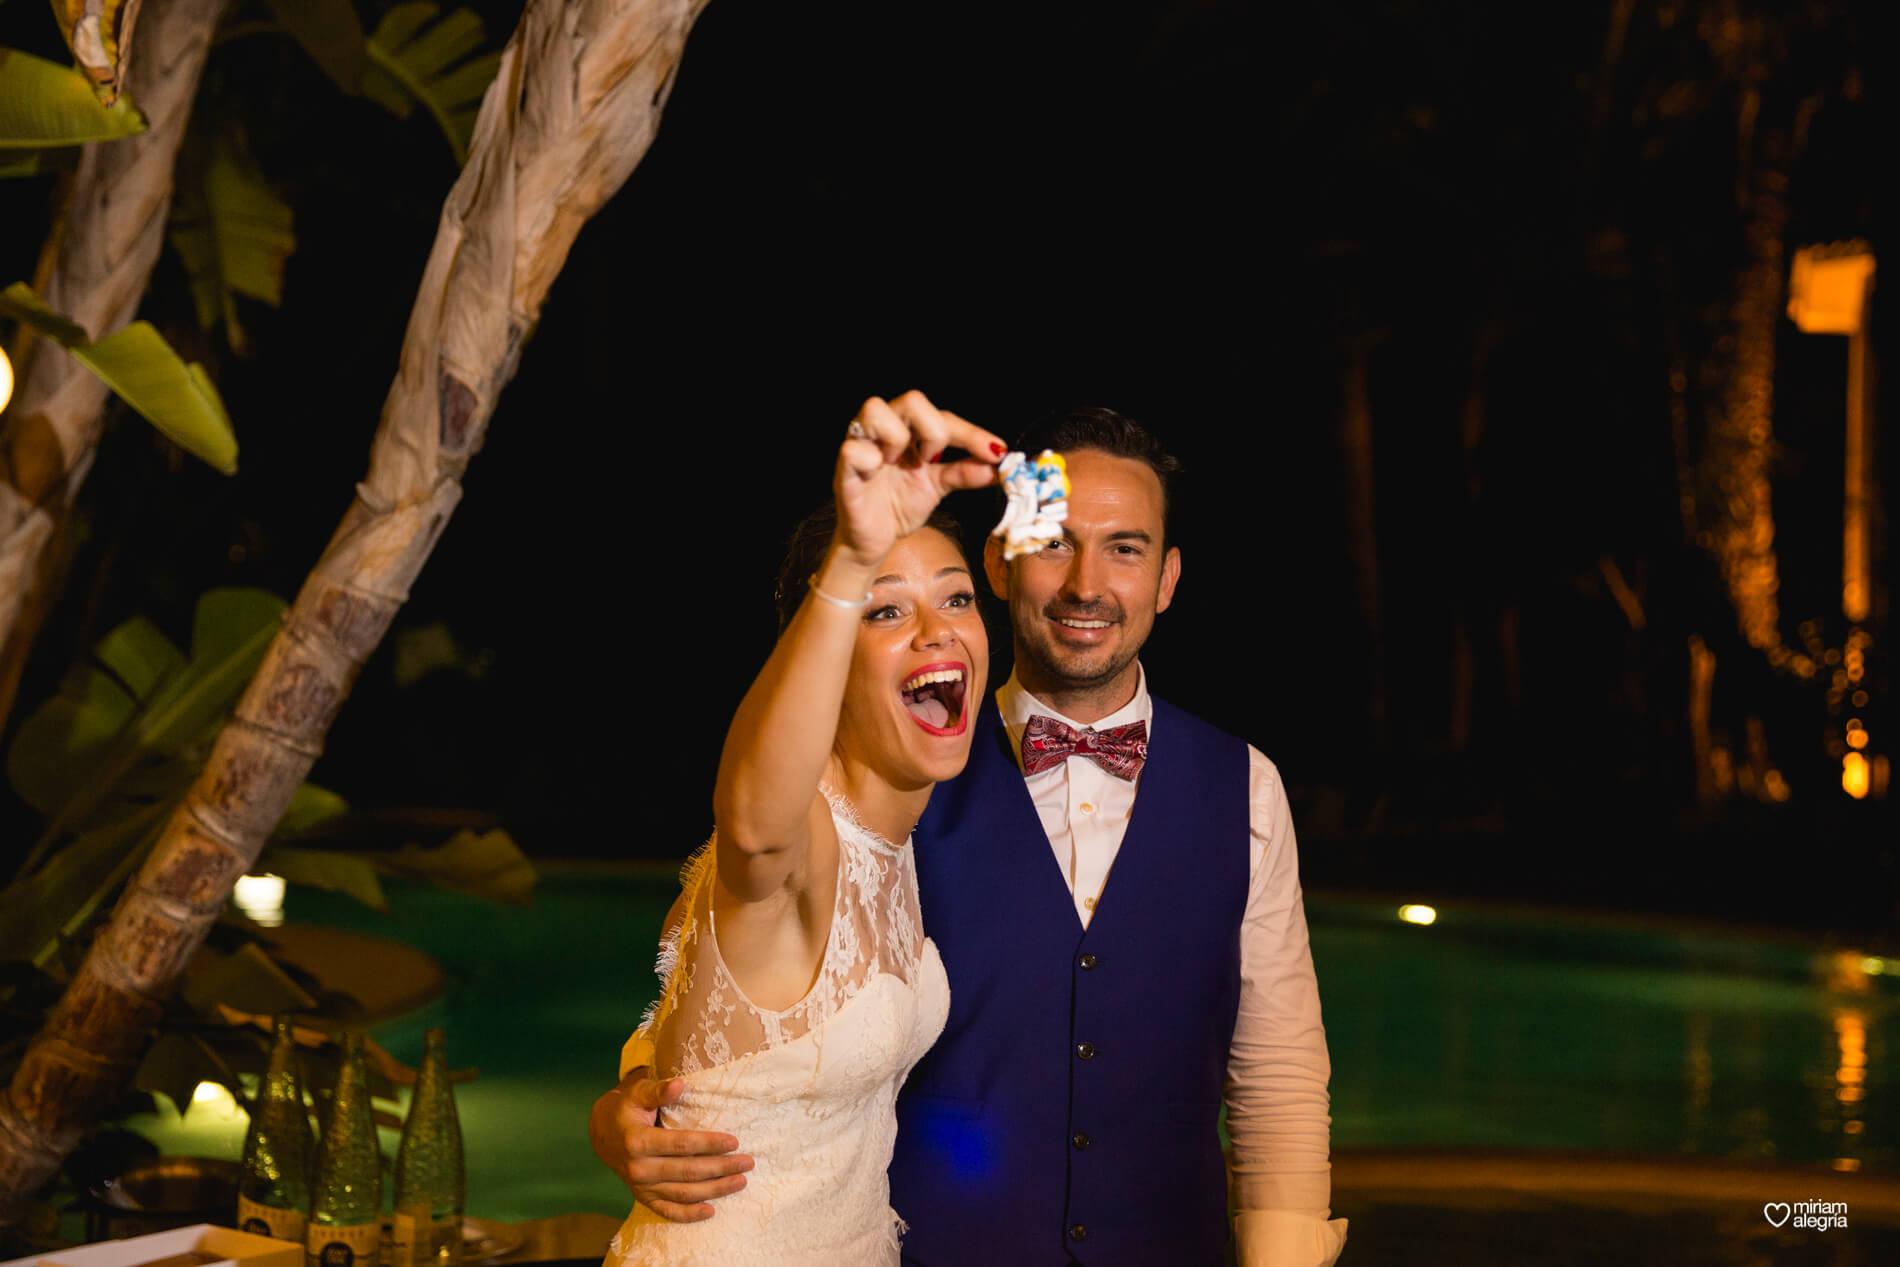 wedding-huerto-del-cura-elche-miriam-alegria-fotografos-boda-98